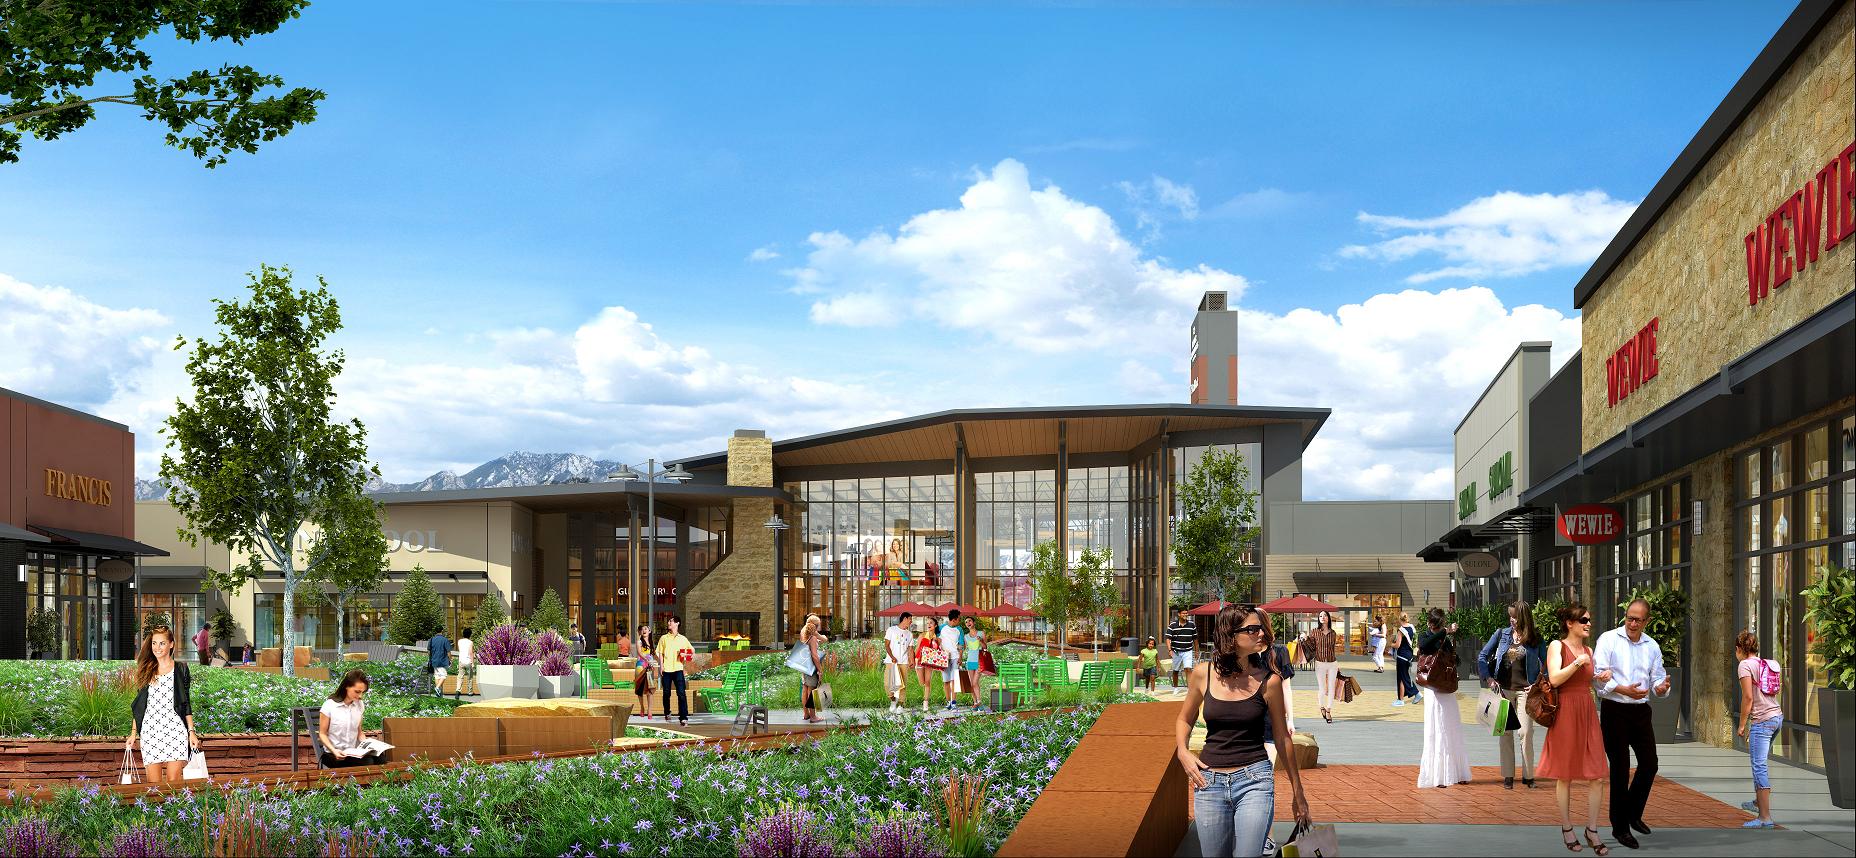 Denver Premium Outlets image 0